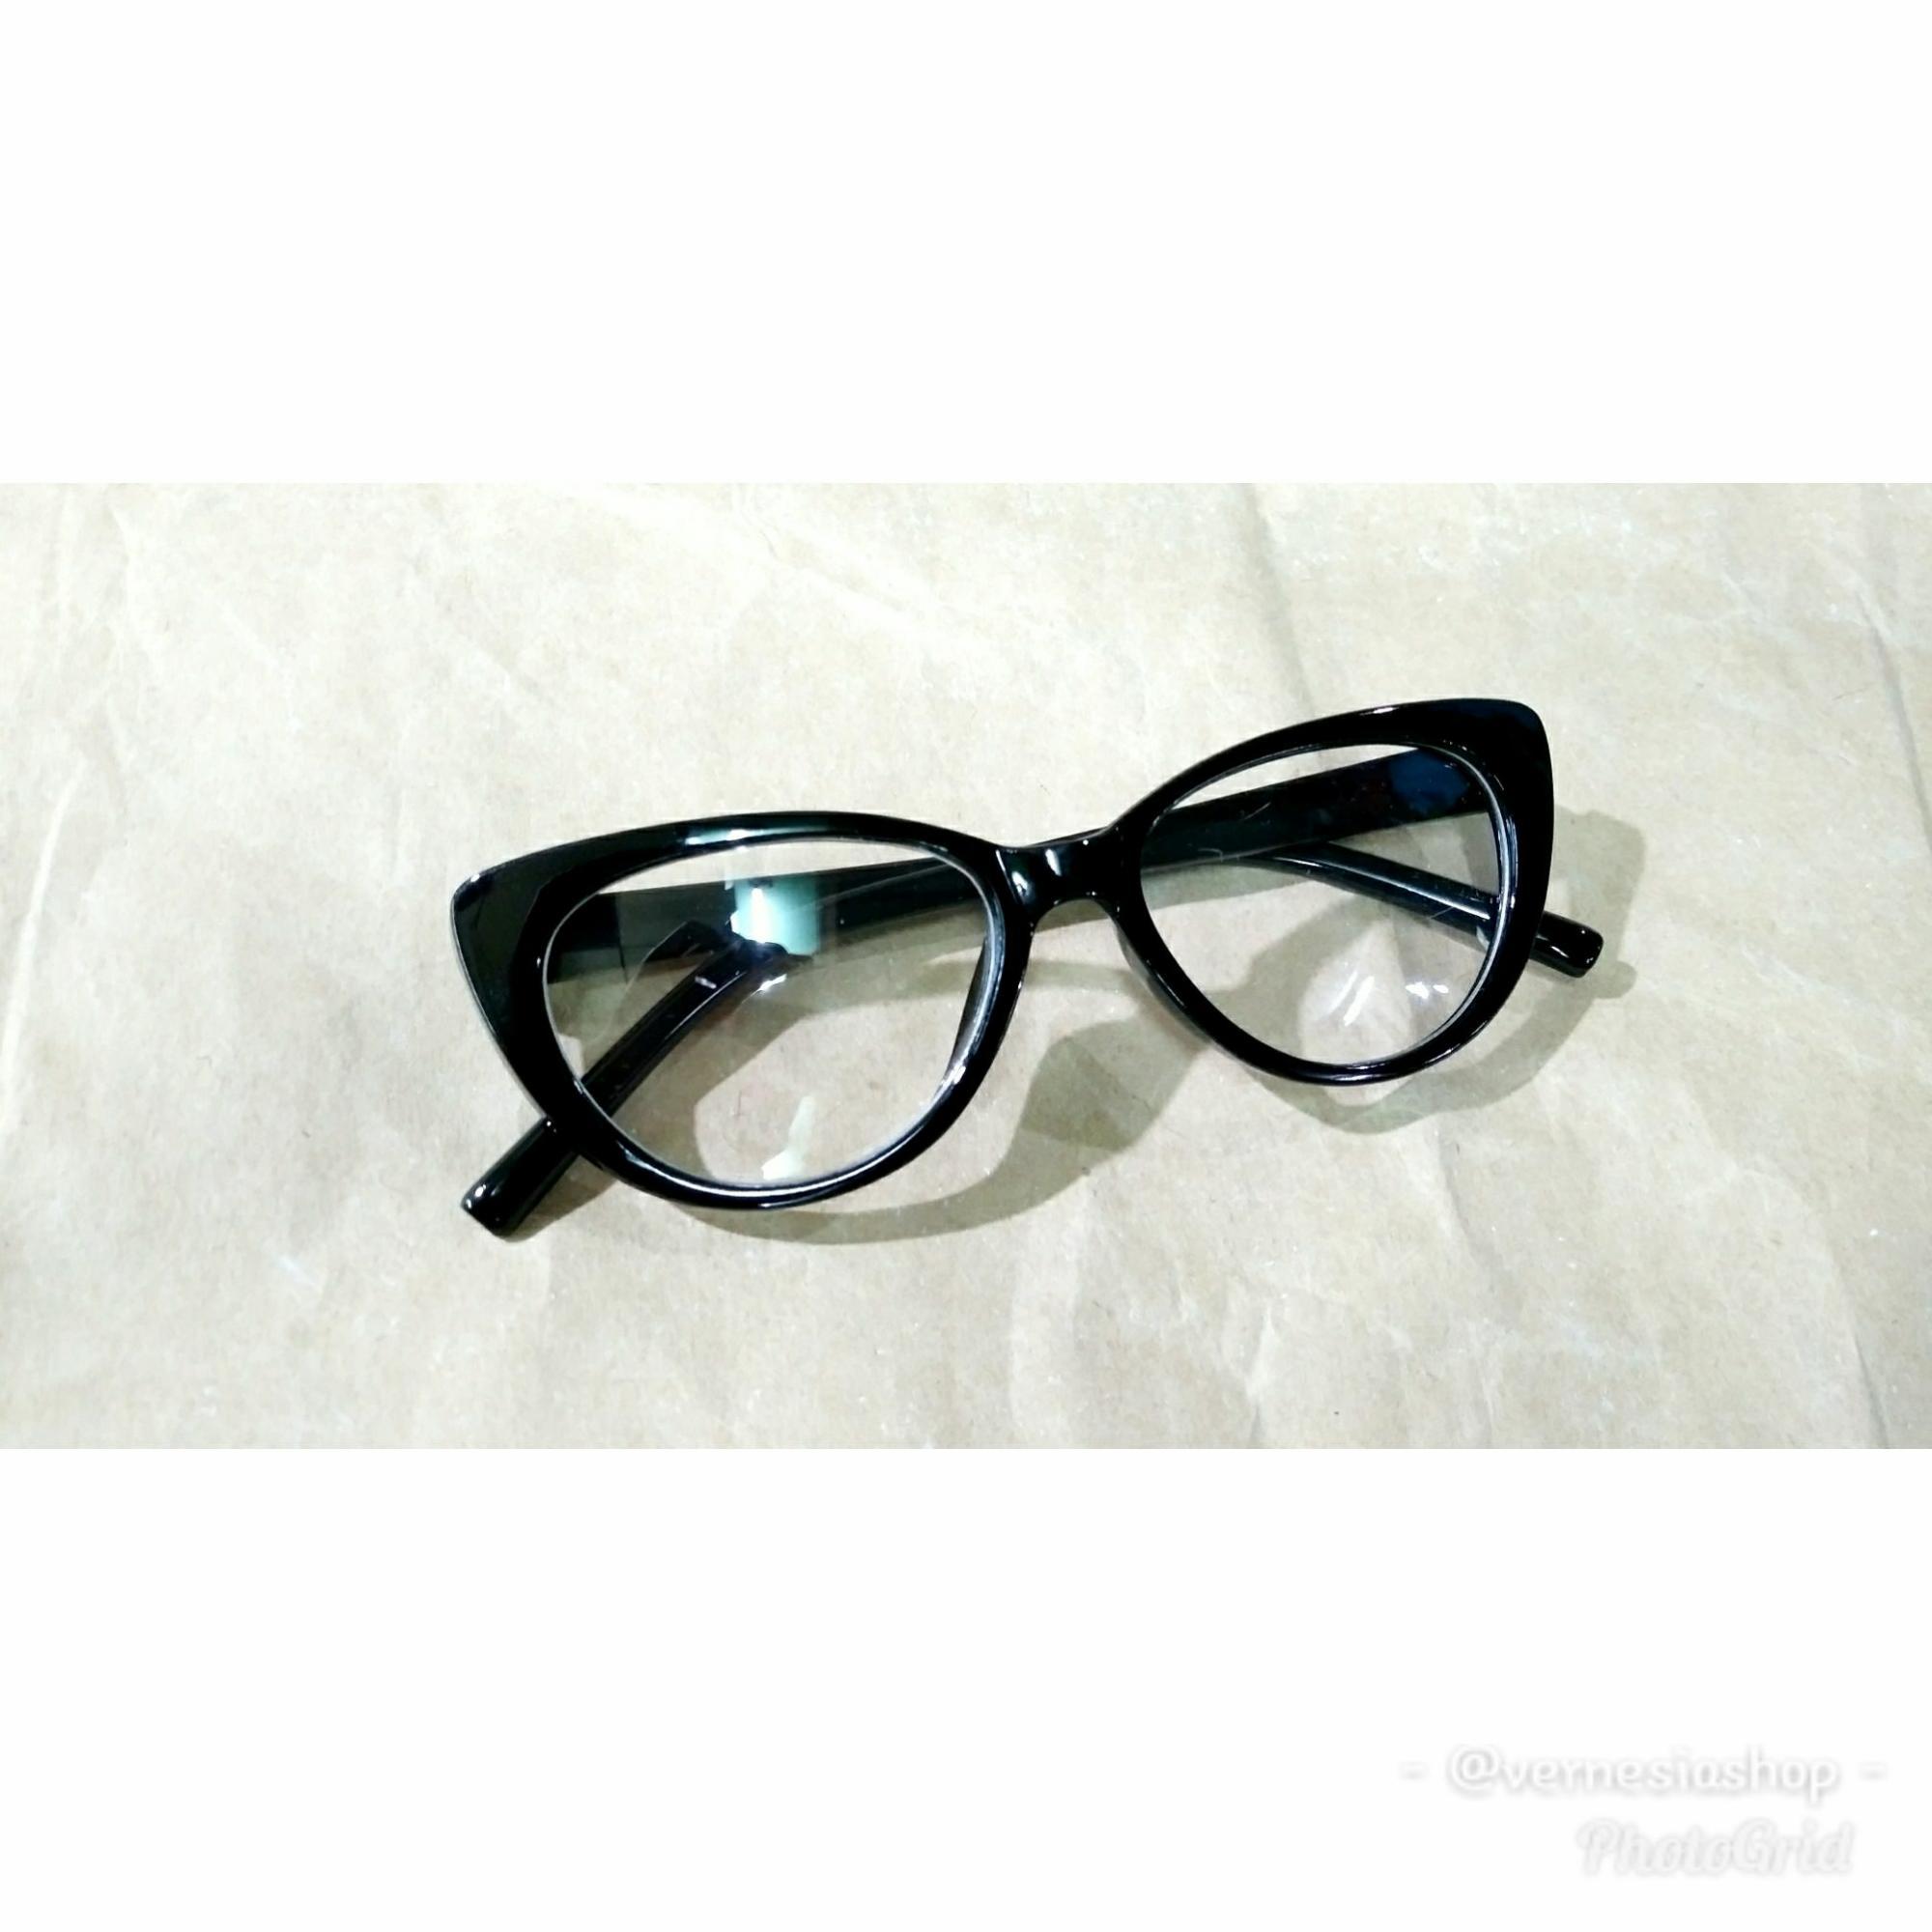 Kacamata gaya anak model mata kucing lensa bening 7c08732850